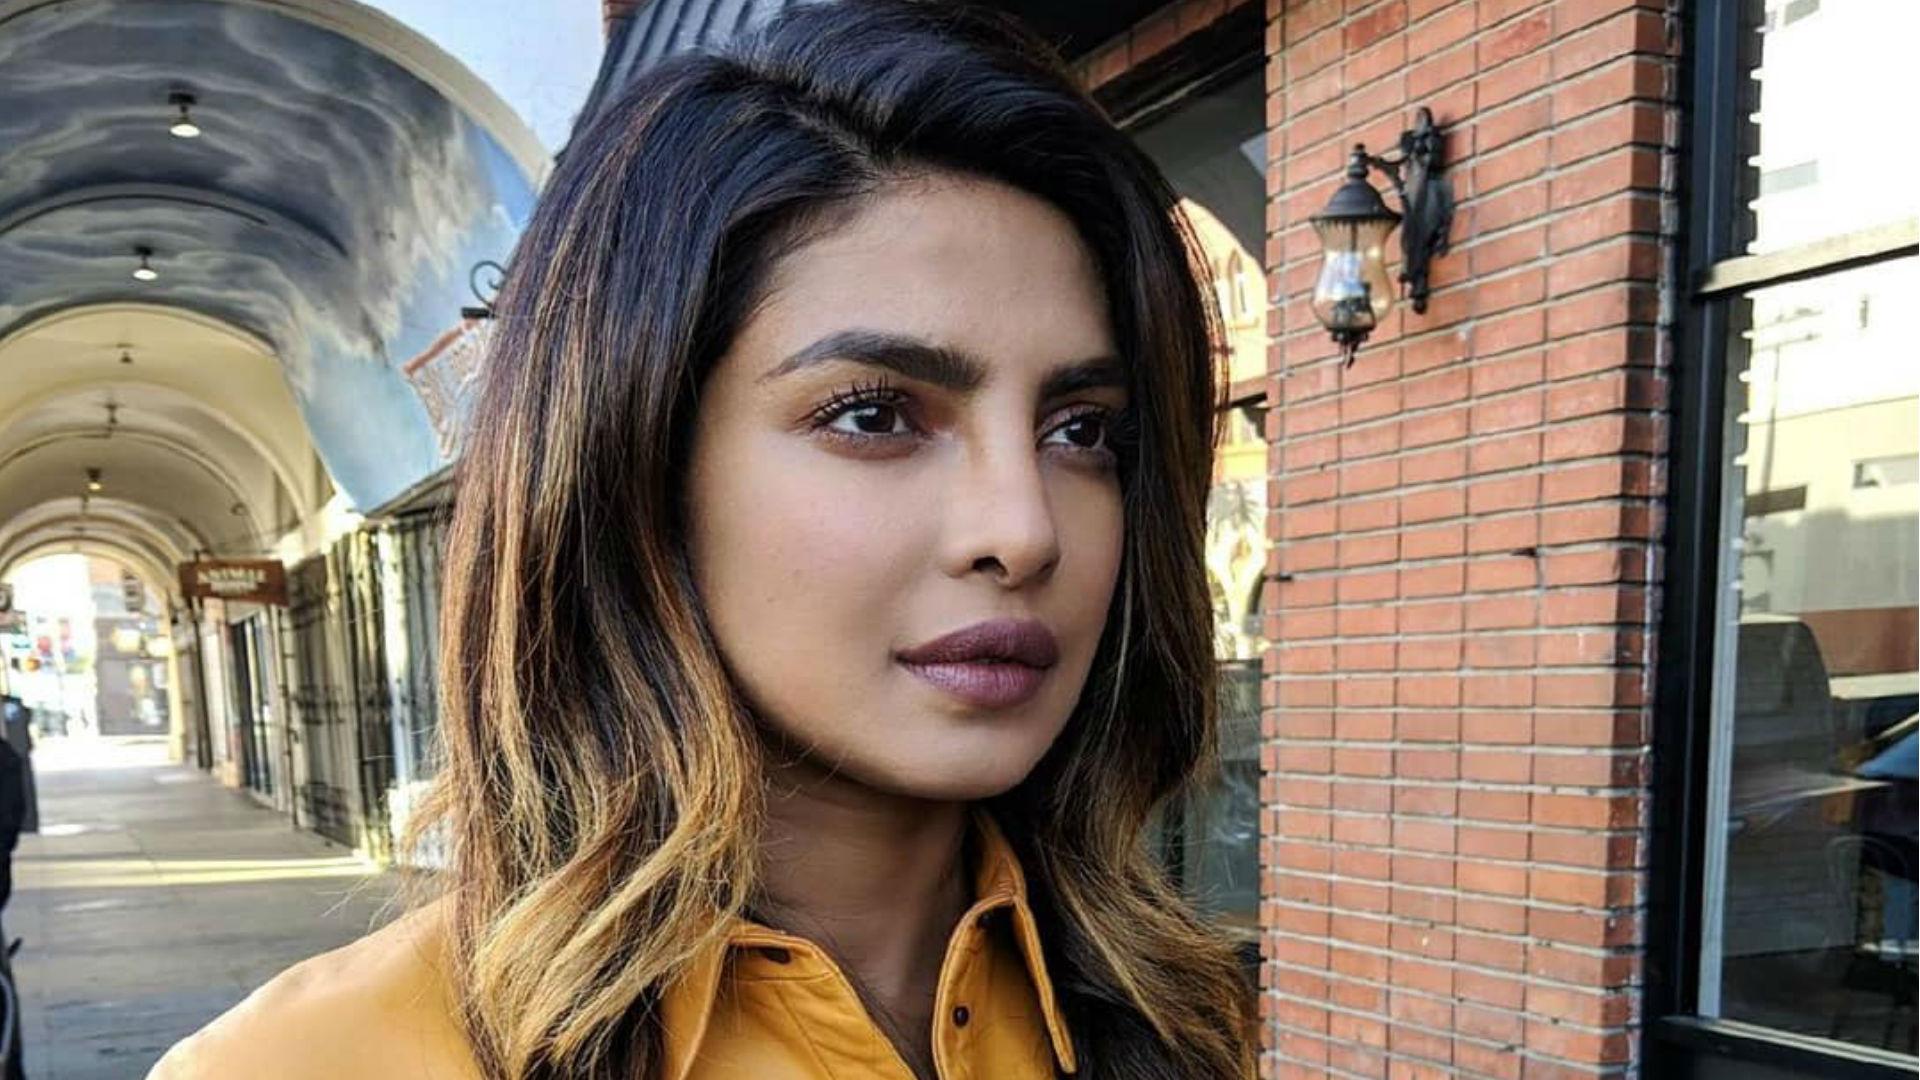 Priyanka Chopra Birthday: करण जौहर के शो में 'देसी गर्ल' ने पर्सनल लाइफ को लेकर किए थे ये चौंकाने वाले खुलासे